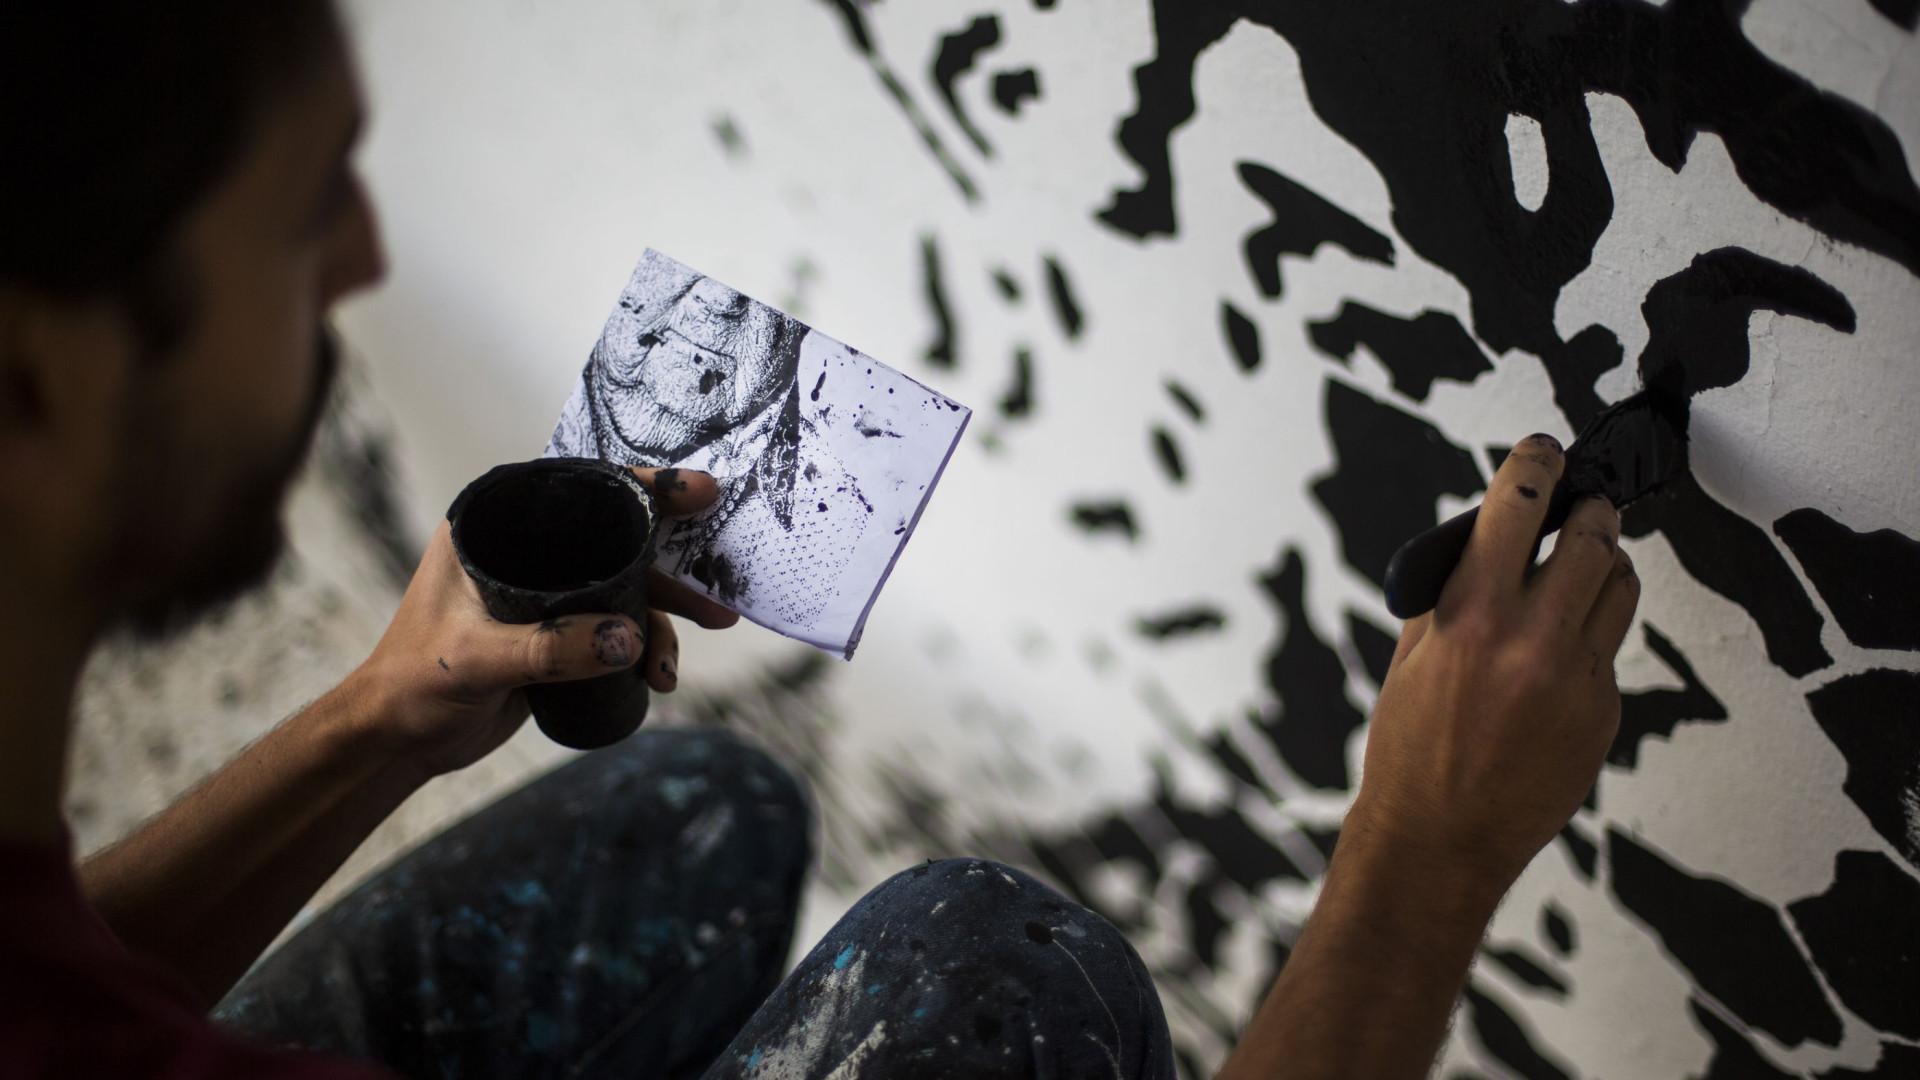 Daniel Eime, Odeith e Pantónio pintam murais na Amadora